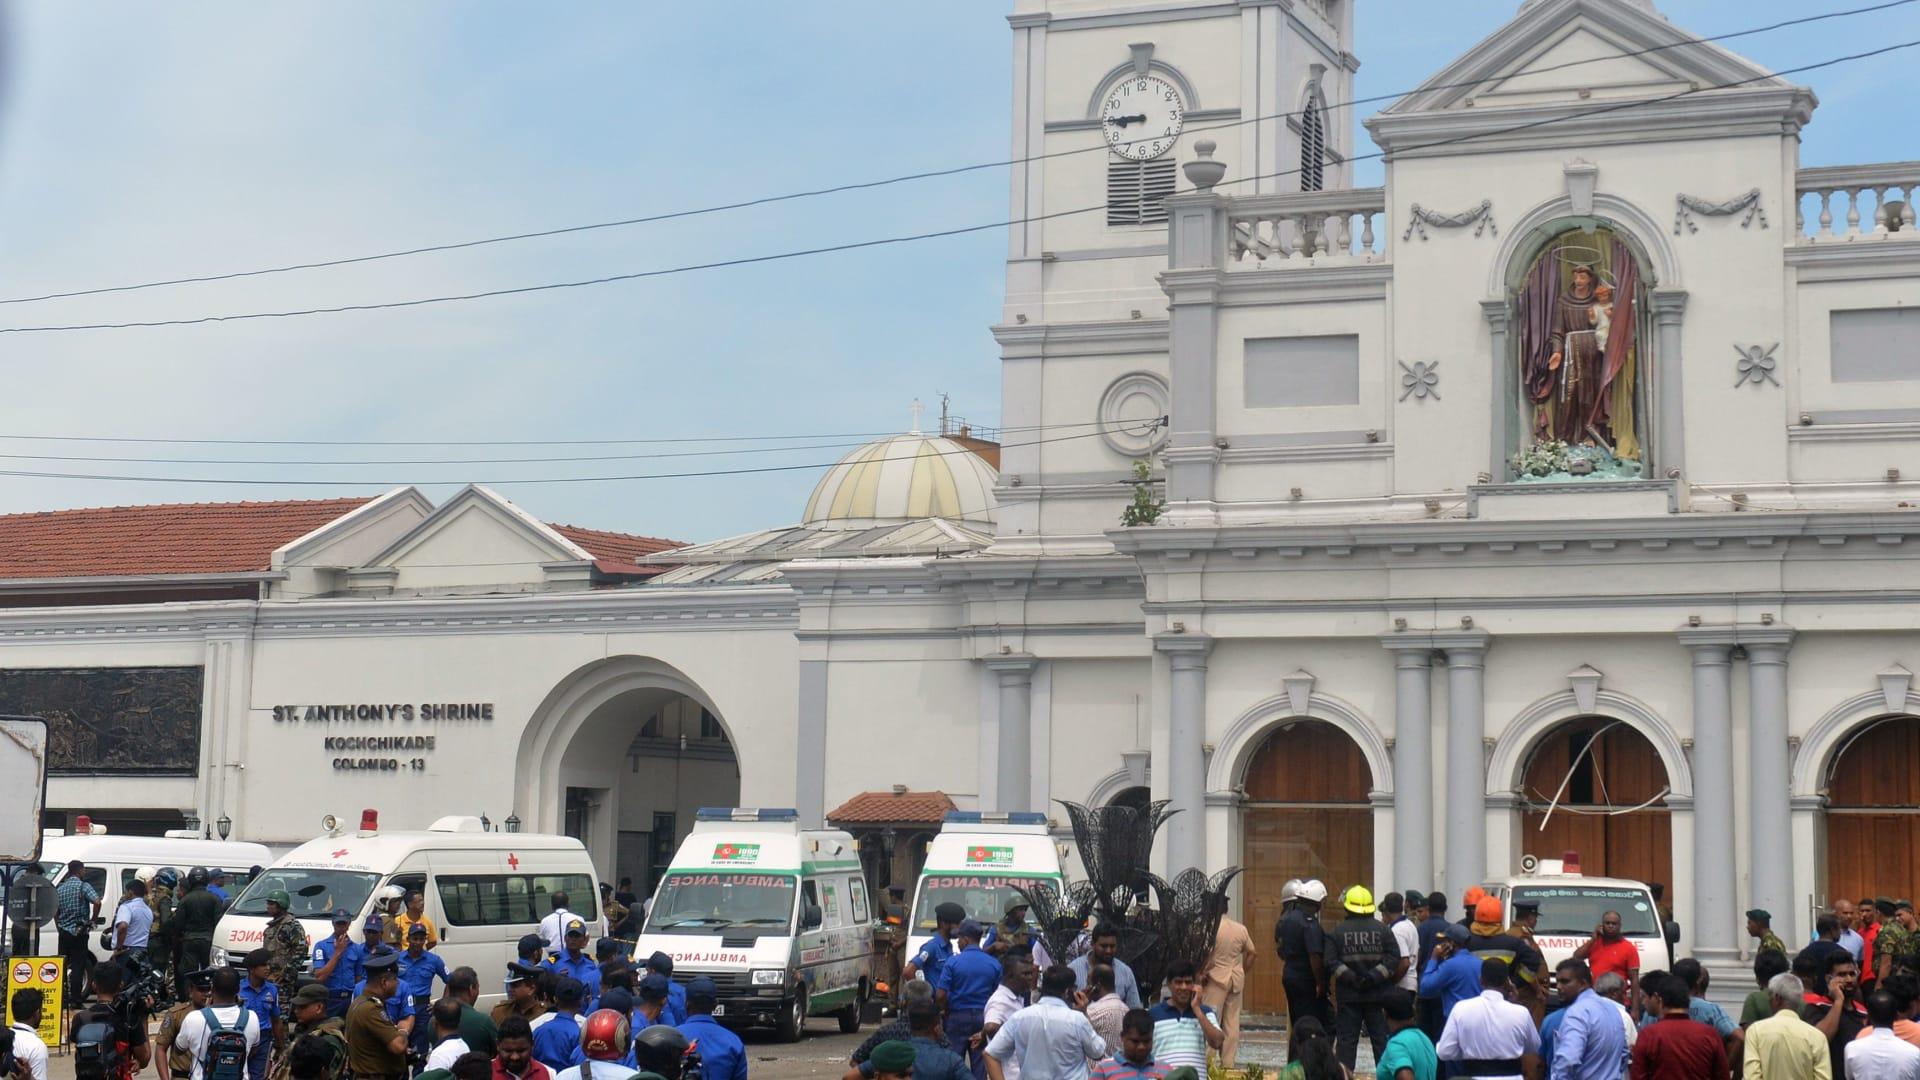 شرطة سيريلانكا تعلن وقوع 5 انفجارات على الاقل في 3 كنائس وفندقين